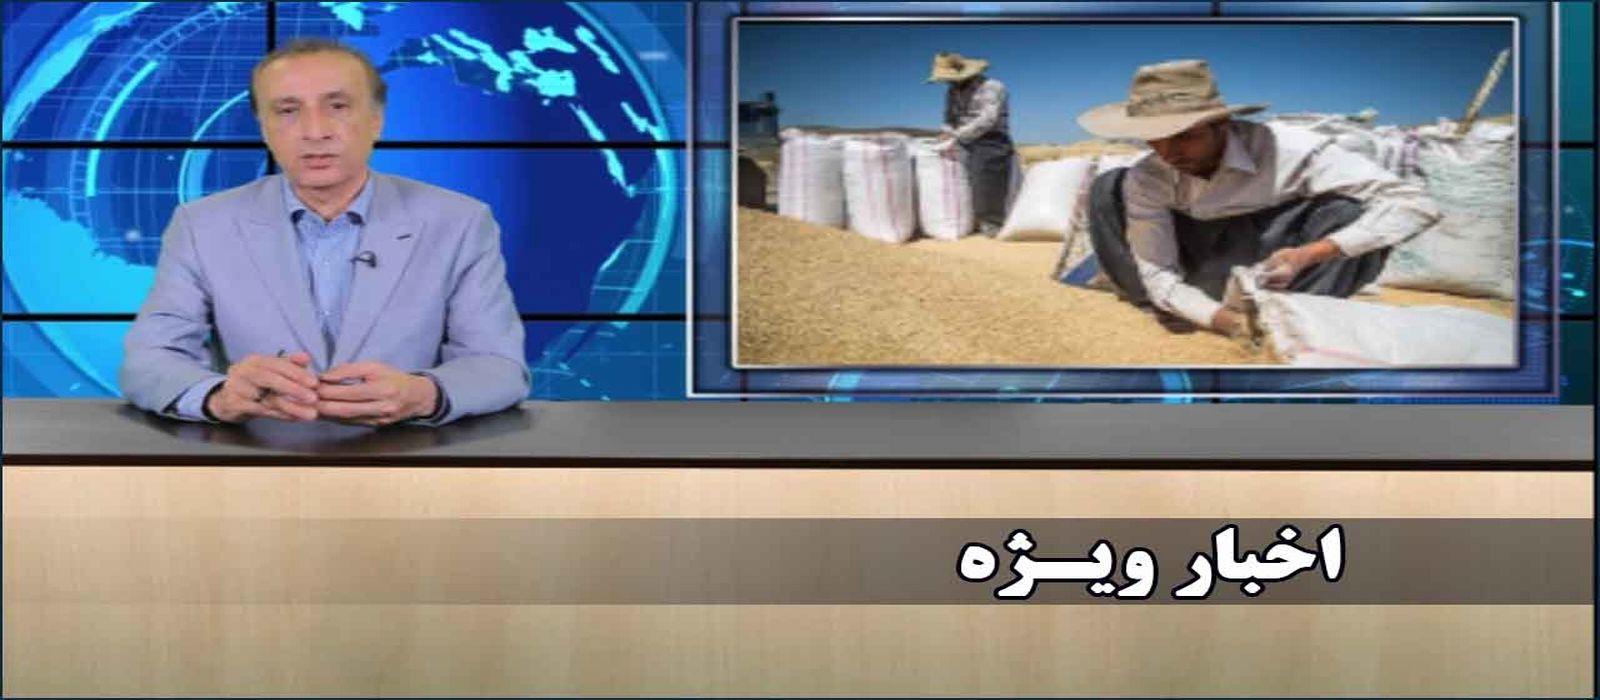 اخبار ویژه کشاورز پلاس، با گویندگی محمد رضا حیاتی ۱۶ تیر ۱۳۹۸